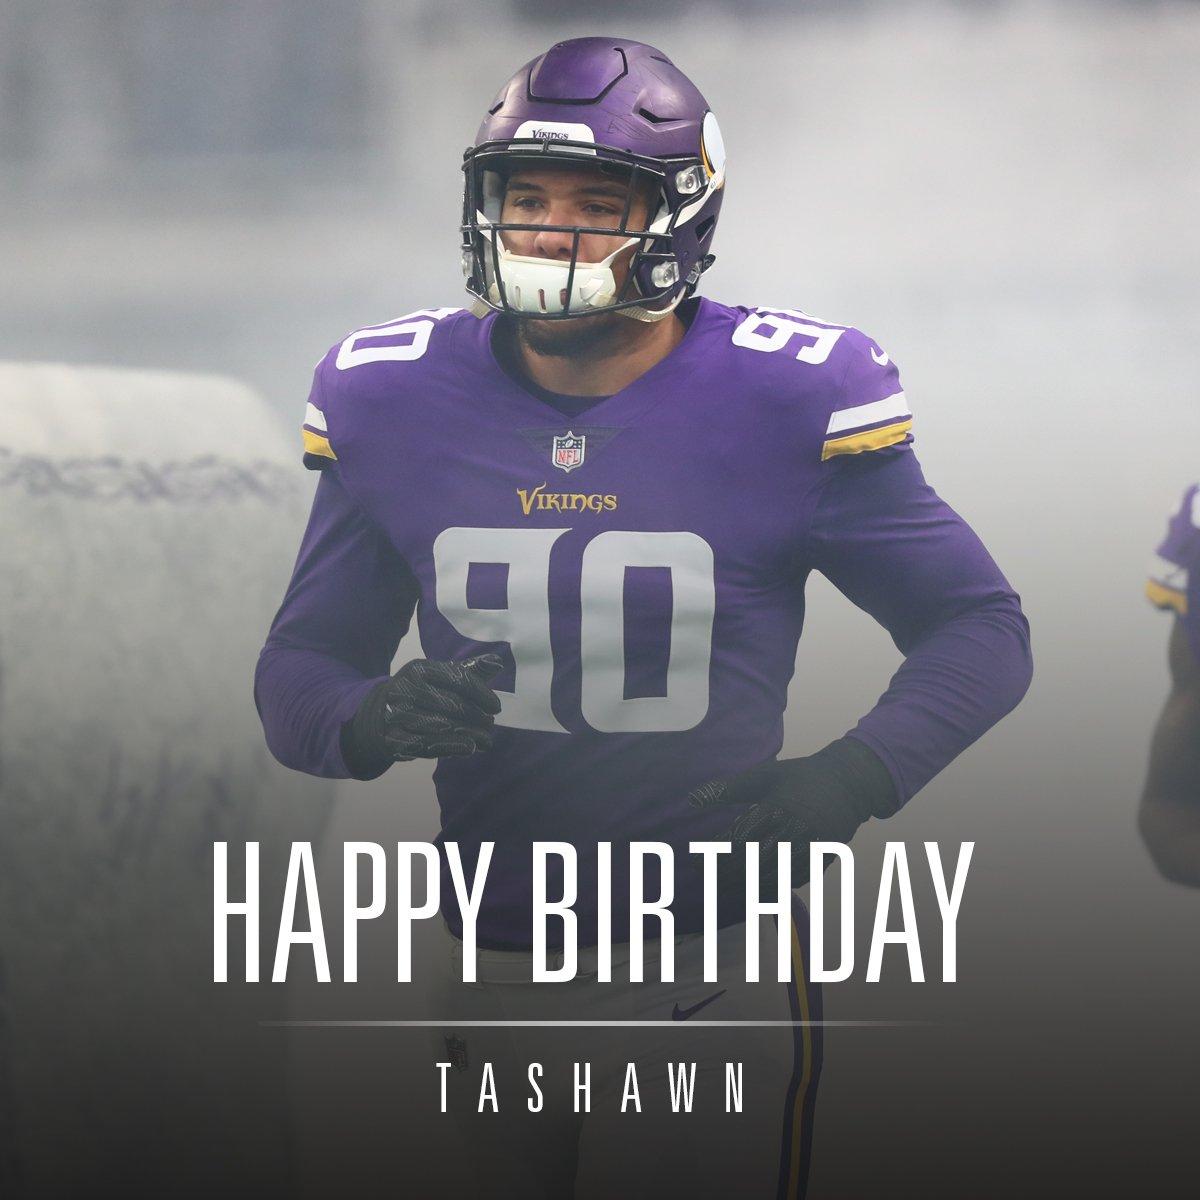 Happy birthday, @TashawnBower! https://t.co/Bi9Wl8byOs